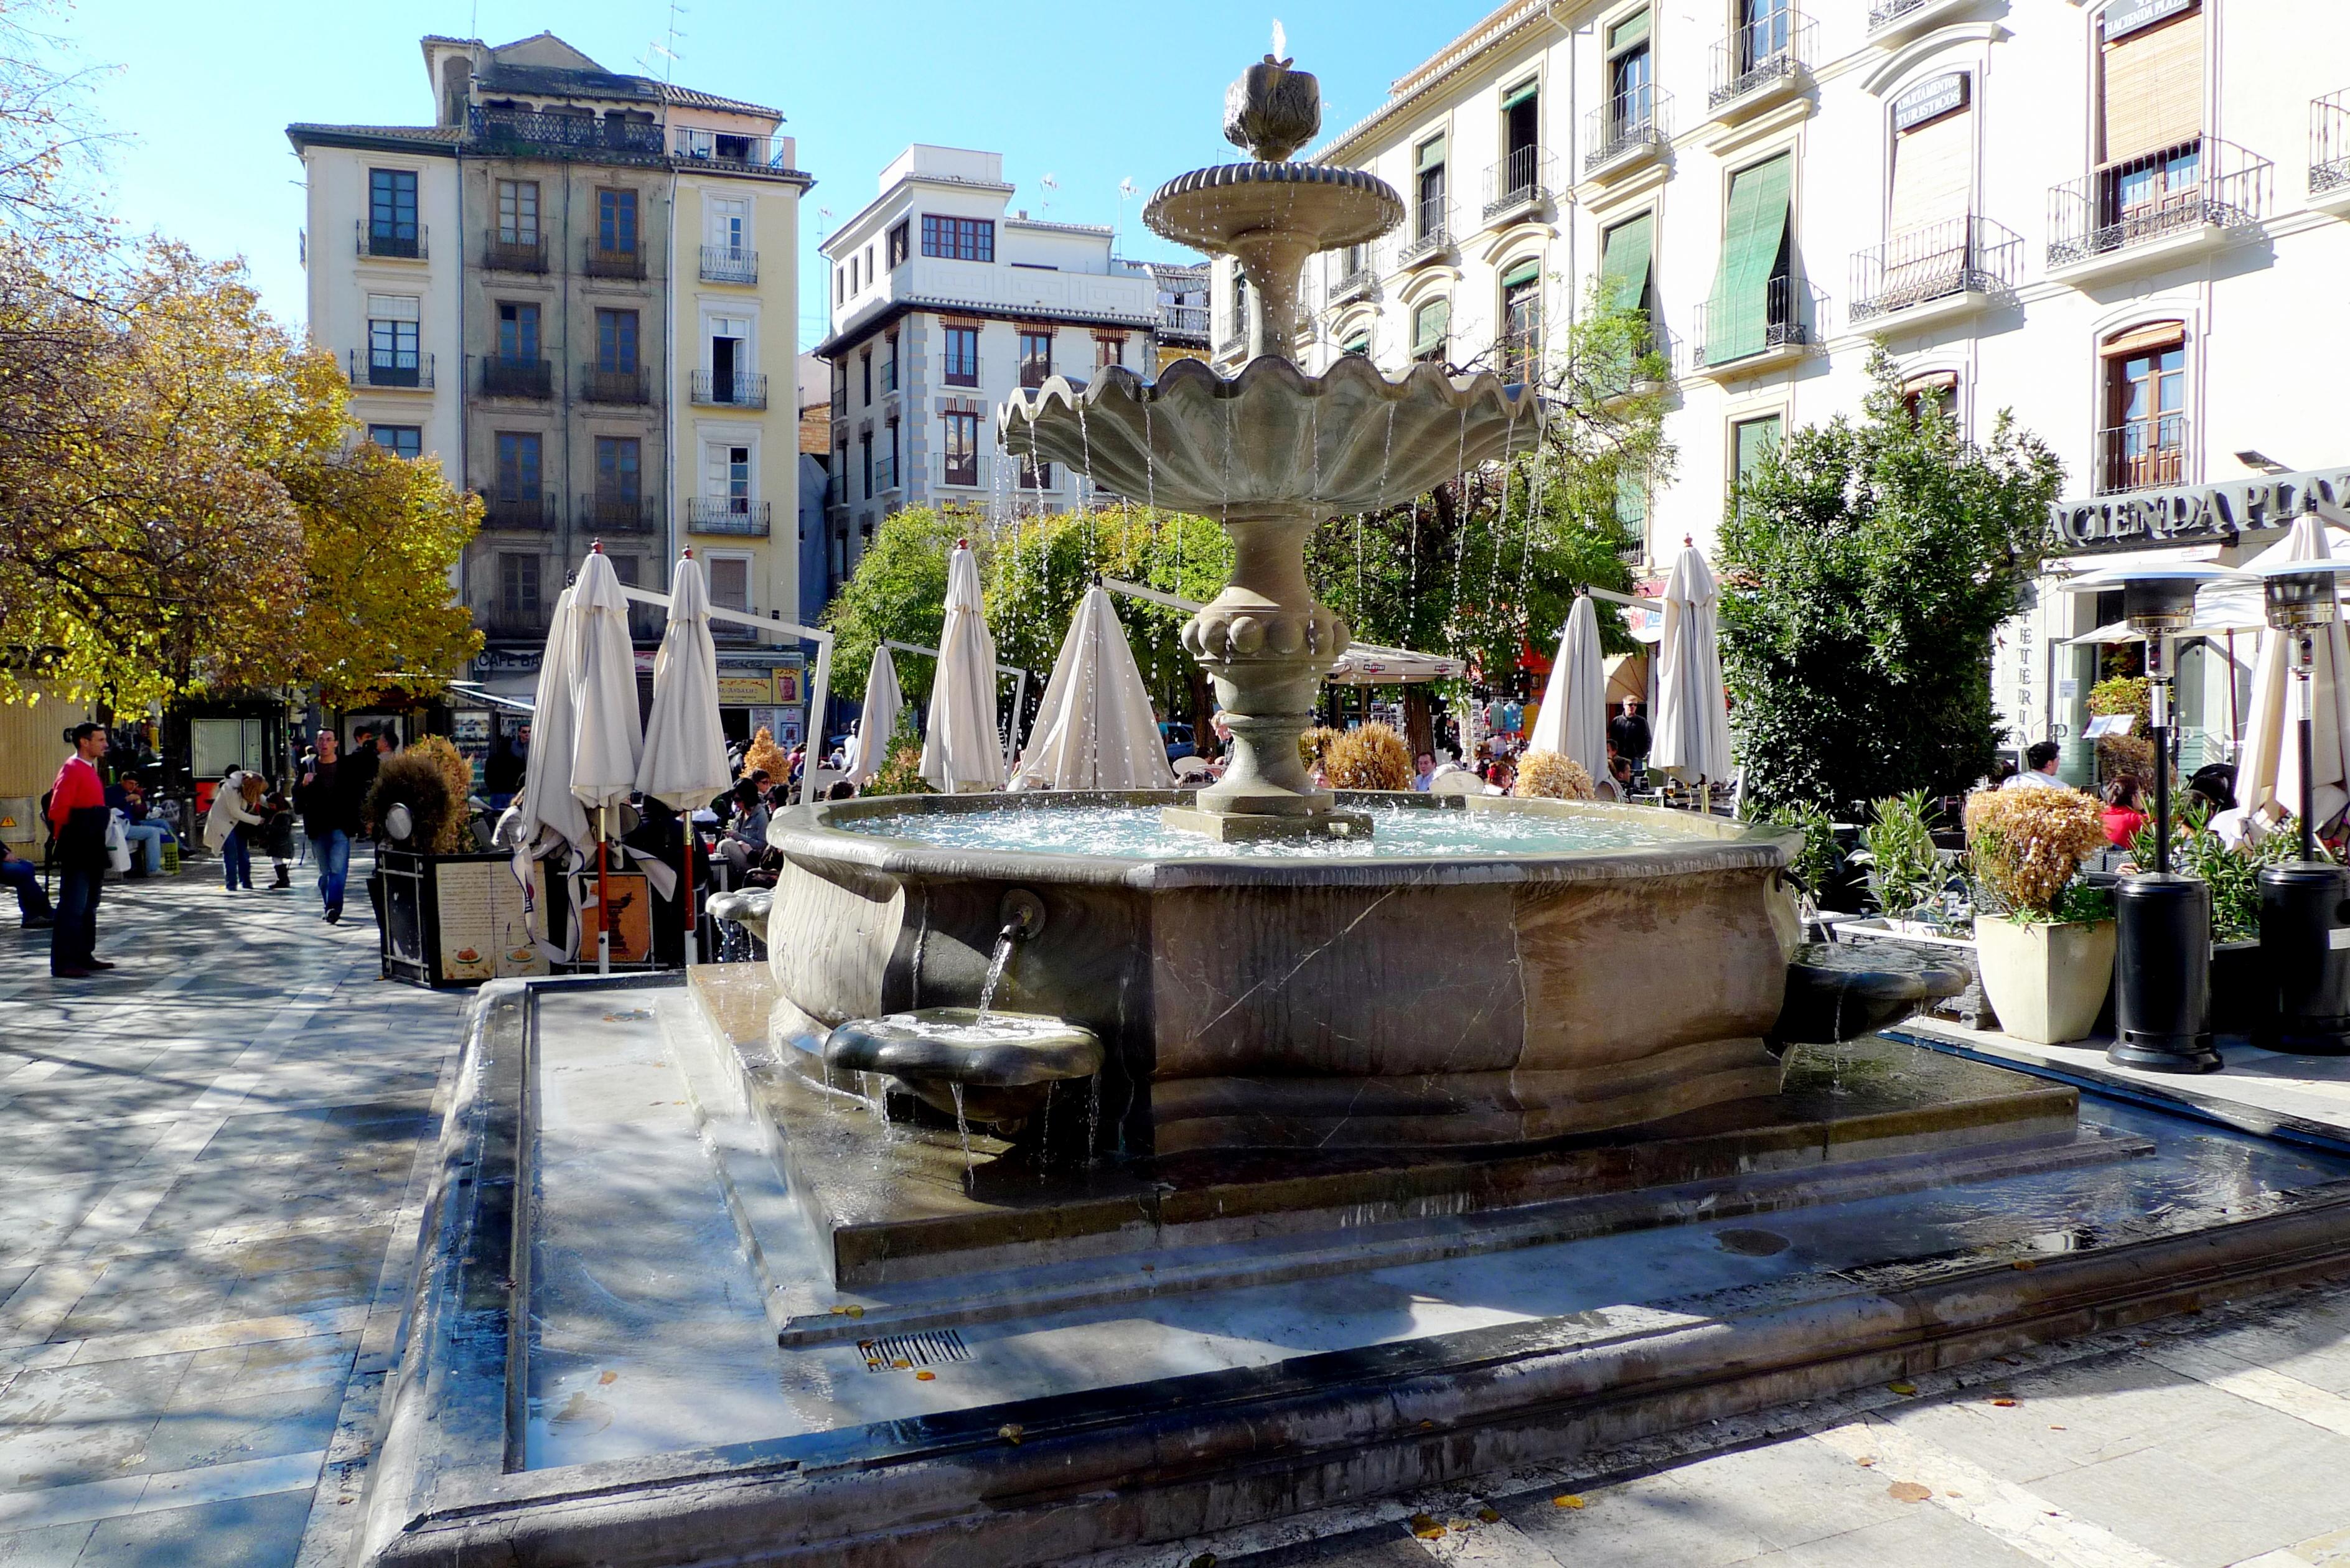 """A Plaza Nueva nagyon közel volt a panzióhoz, ez amolyan központi tér-féle, három városrész találkozik itt, az Albaicín, a régi zsidó negyed, a """"Realejo"""", és a központi városrész, az """"El Centro"""". Innen indul az Alhambrába vezető utca, állandóan teli van élettel, nyüzsögnek a turisták és a helyiek, utcai zenészek flamencot játszanak (hiszen a flamenco* Andalúziában született), hangulatos éttermek kínálnak pihenést és felfrissülést a tikkadt látogatónak, egy pár perces sétával eljutni a Darrohoz, és a Plaza Isabel Catolica is csak egy ugrás, úgyhogy a tér igazi turistamágnes. <br />* https://hu.wikipedia.org/wiki/Flamenco<br /><br />"""